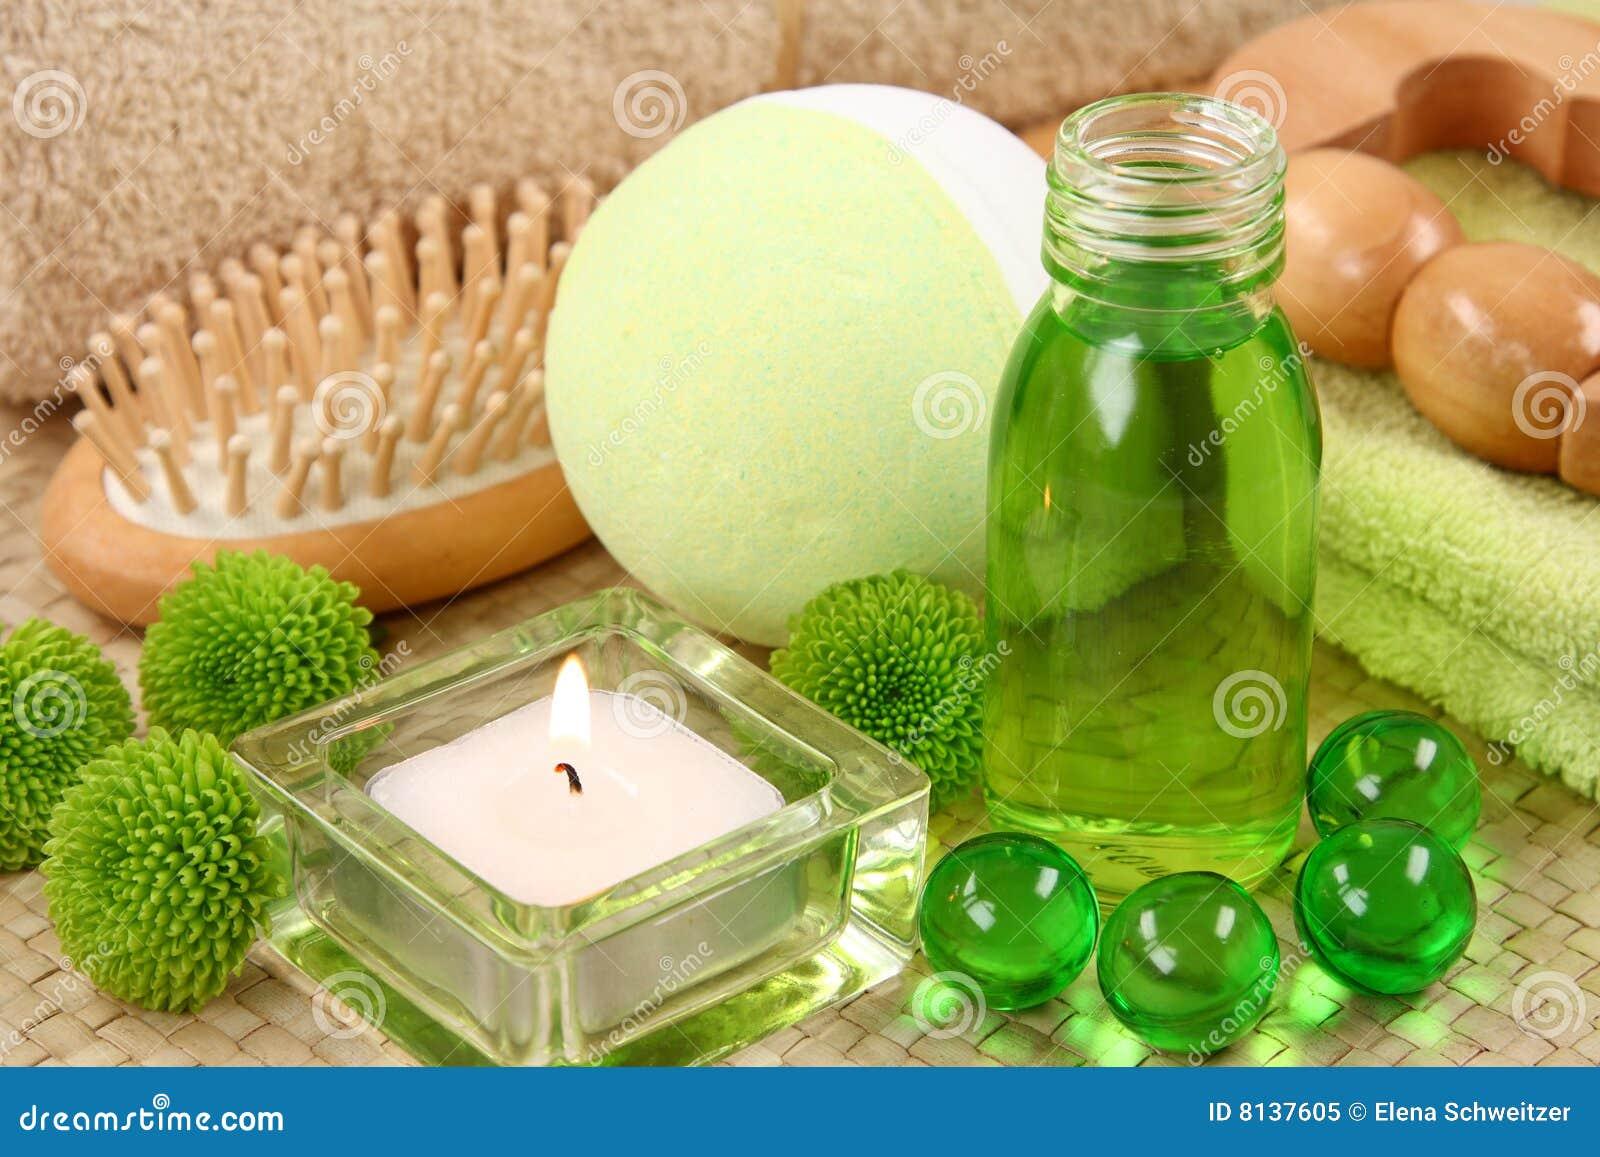 green spas